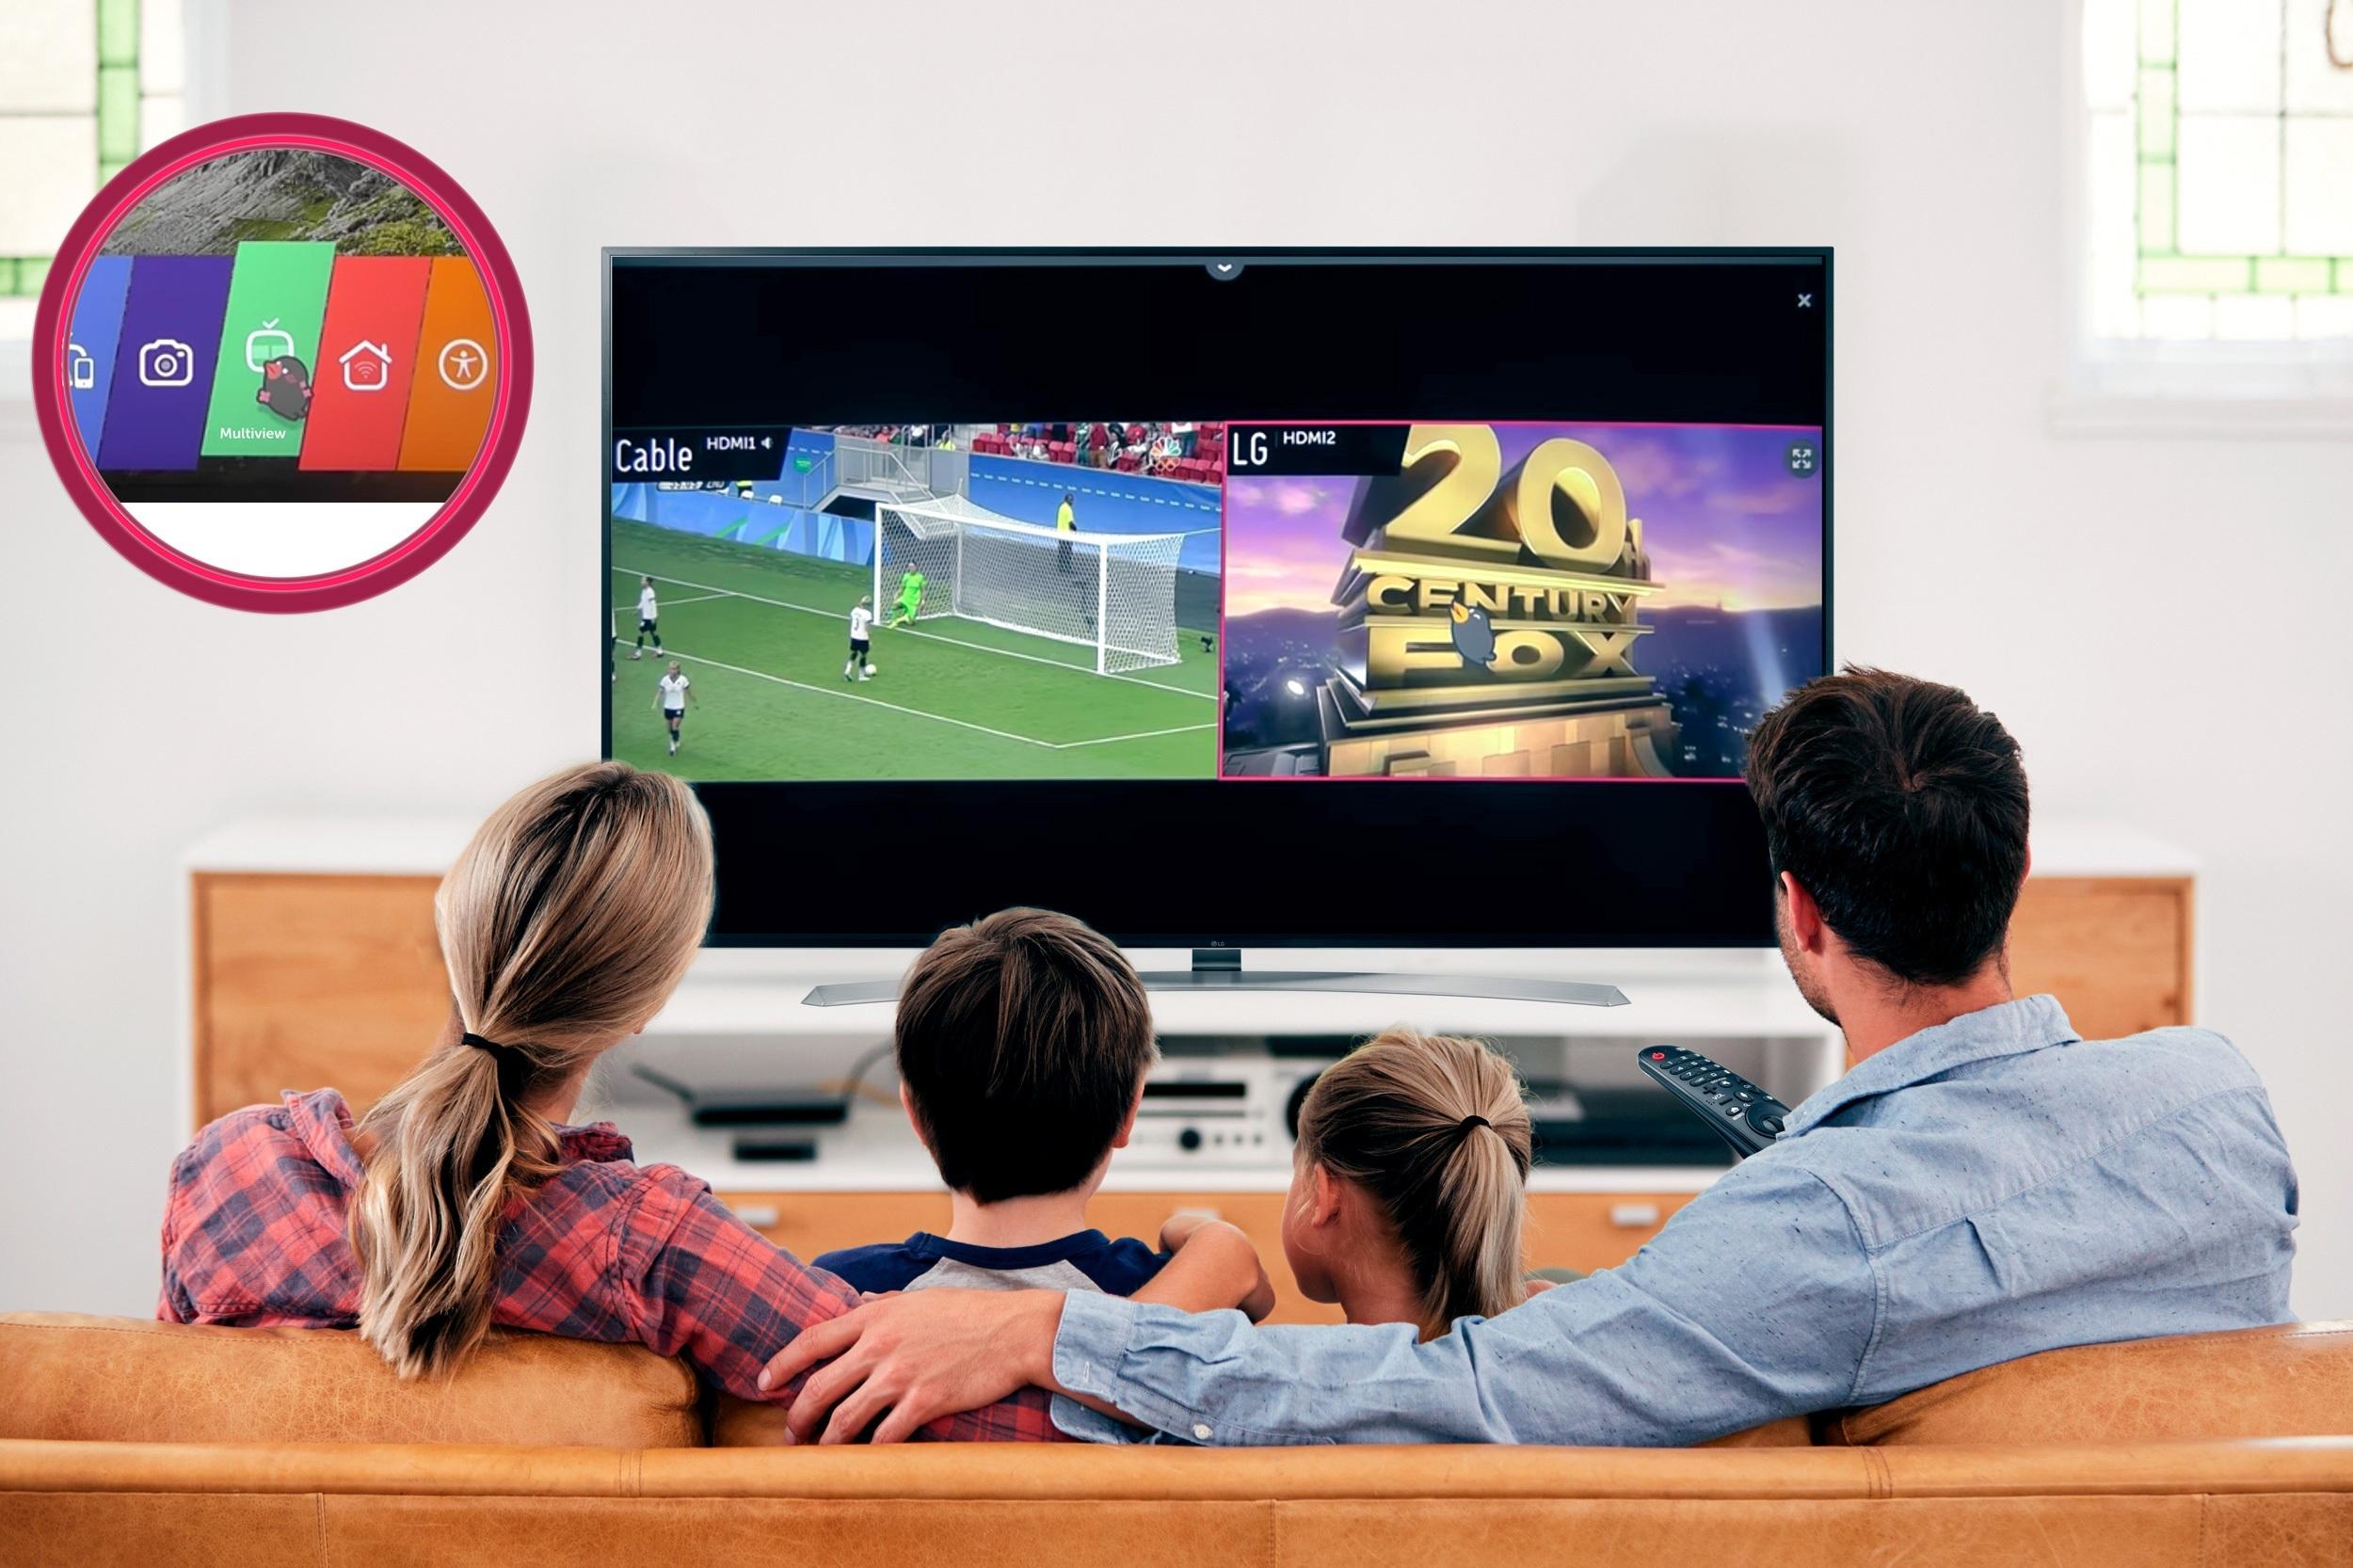 Beneficios de los Smart TV - ¿Qué beneficios tienen los Smart TV?